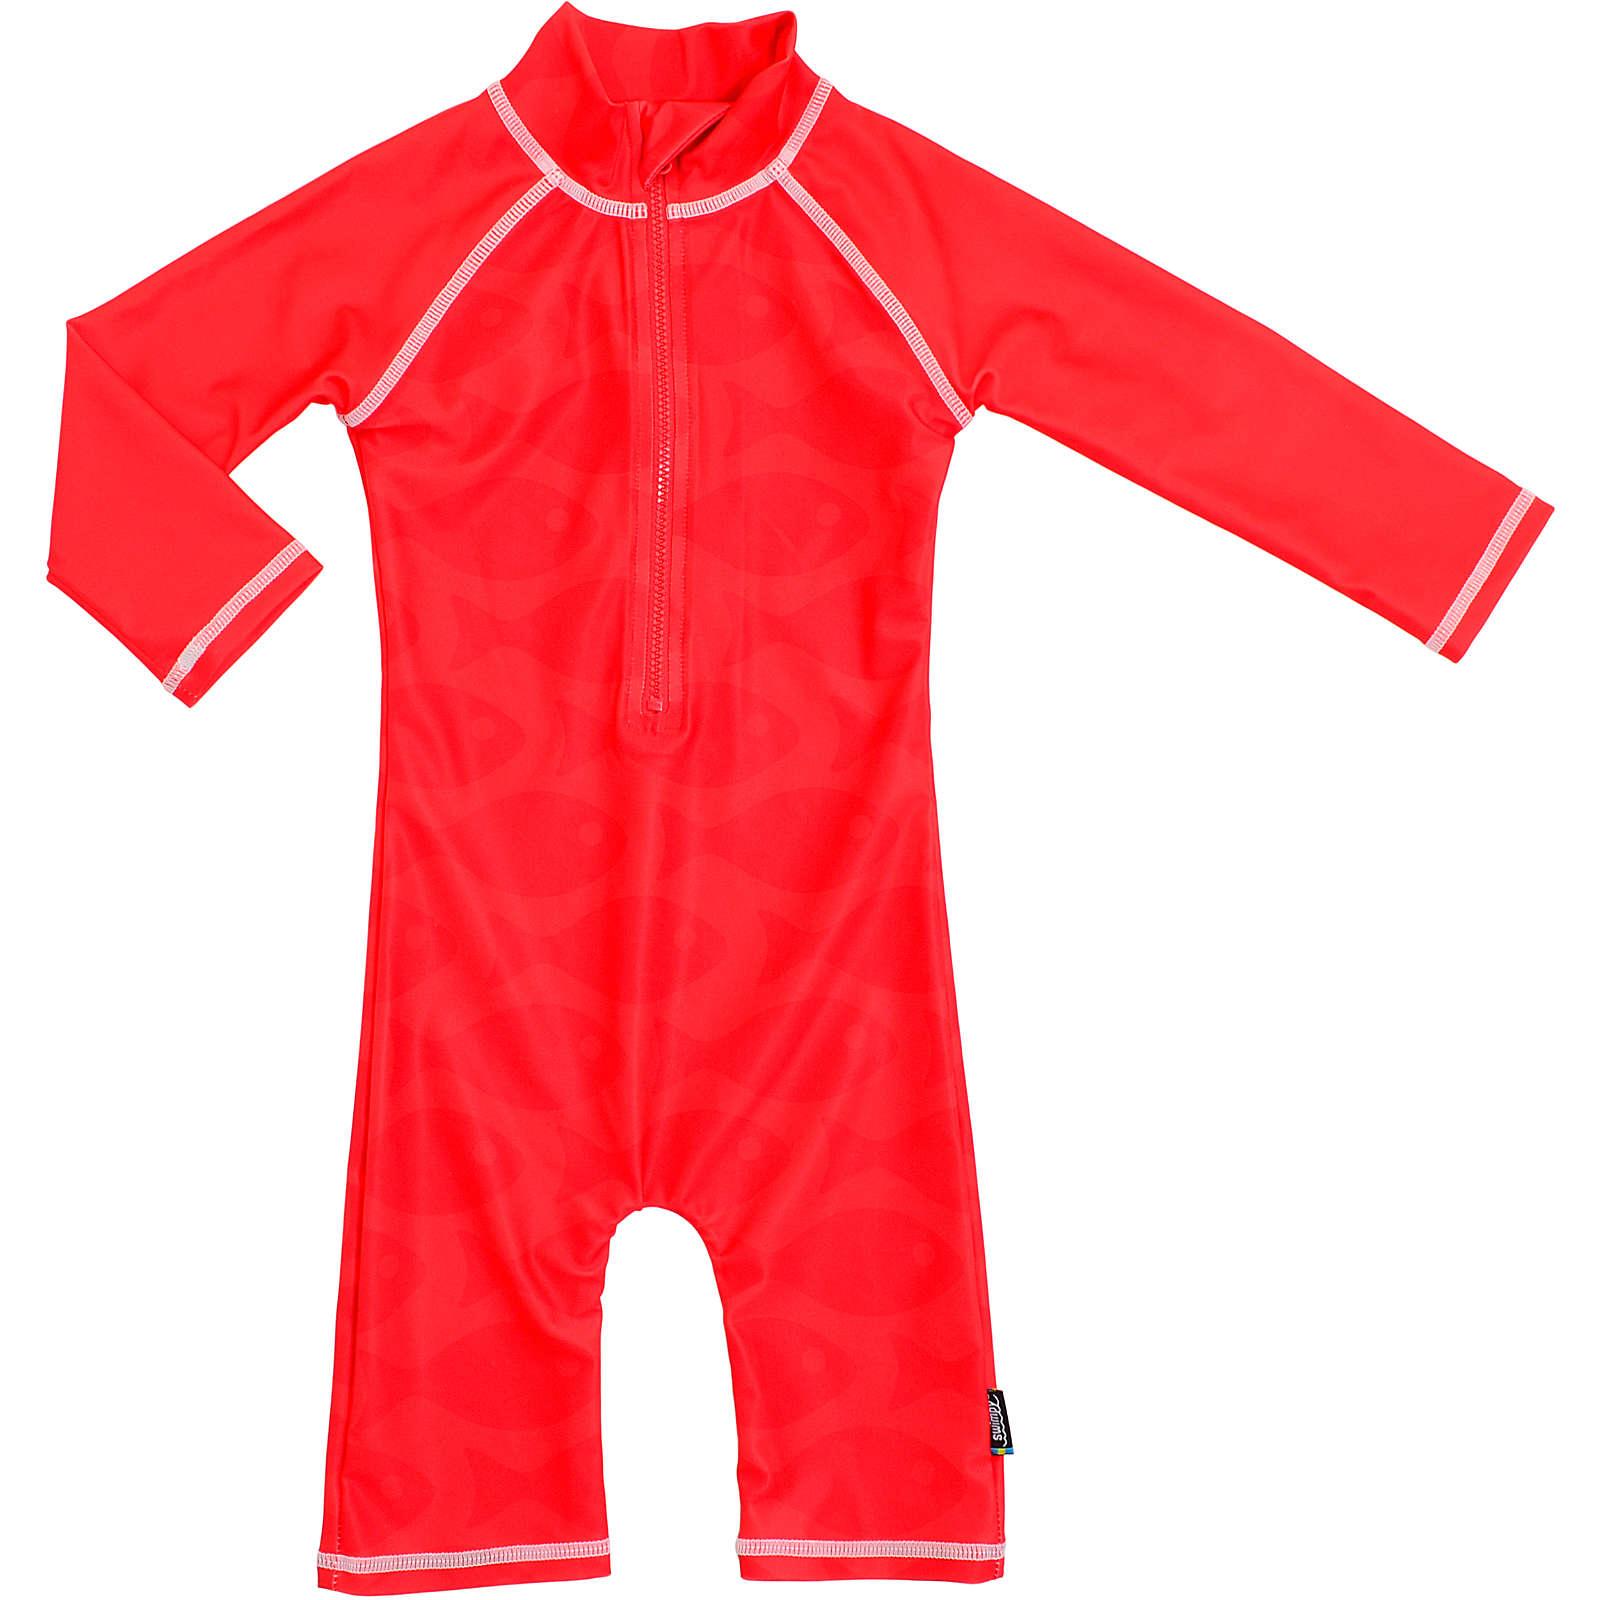 SWIMPY Baby Sonnenhut mit UV-Schutz rot Gr. 62/68